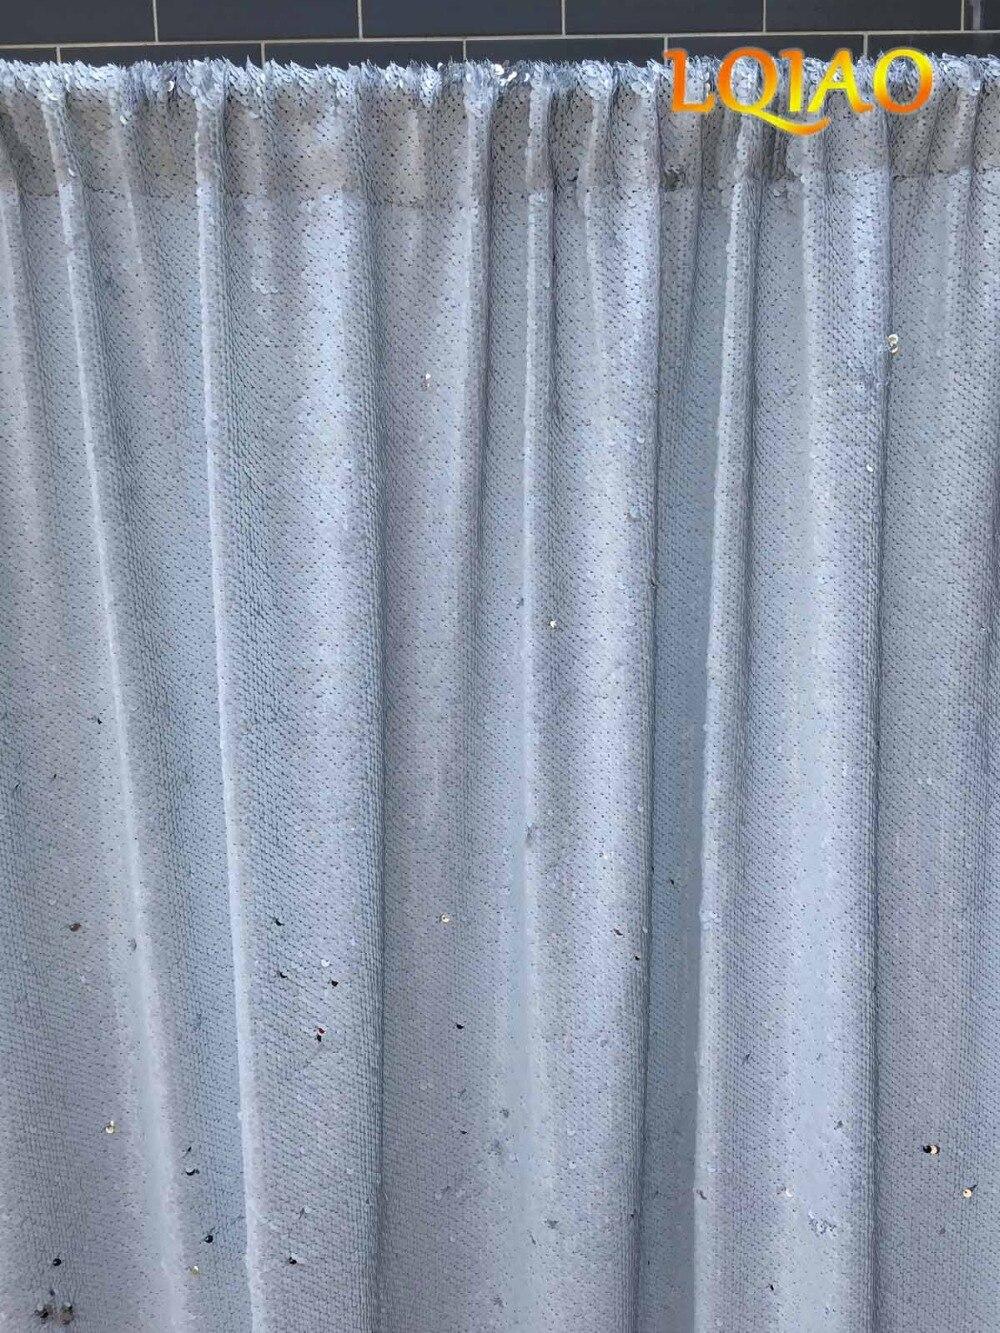 LQIAO Réversible Blanc et Argent Toile De Fond De Paillettes Curtain-4ftx6ft, Sirène Poissons Échelle Sequin Photographie pour la Décoration De Mariage